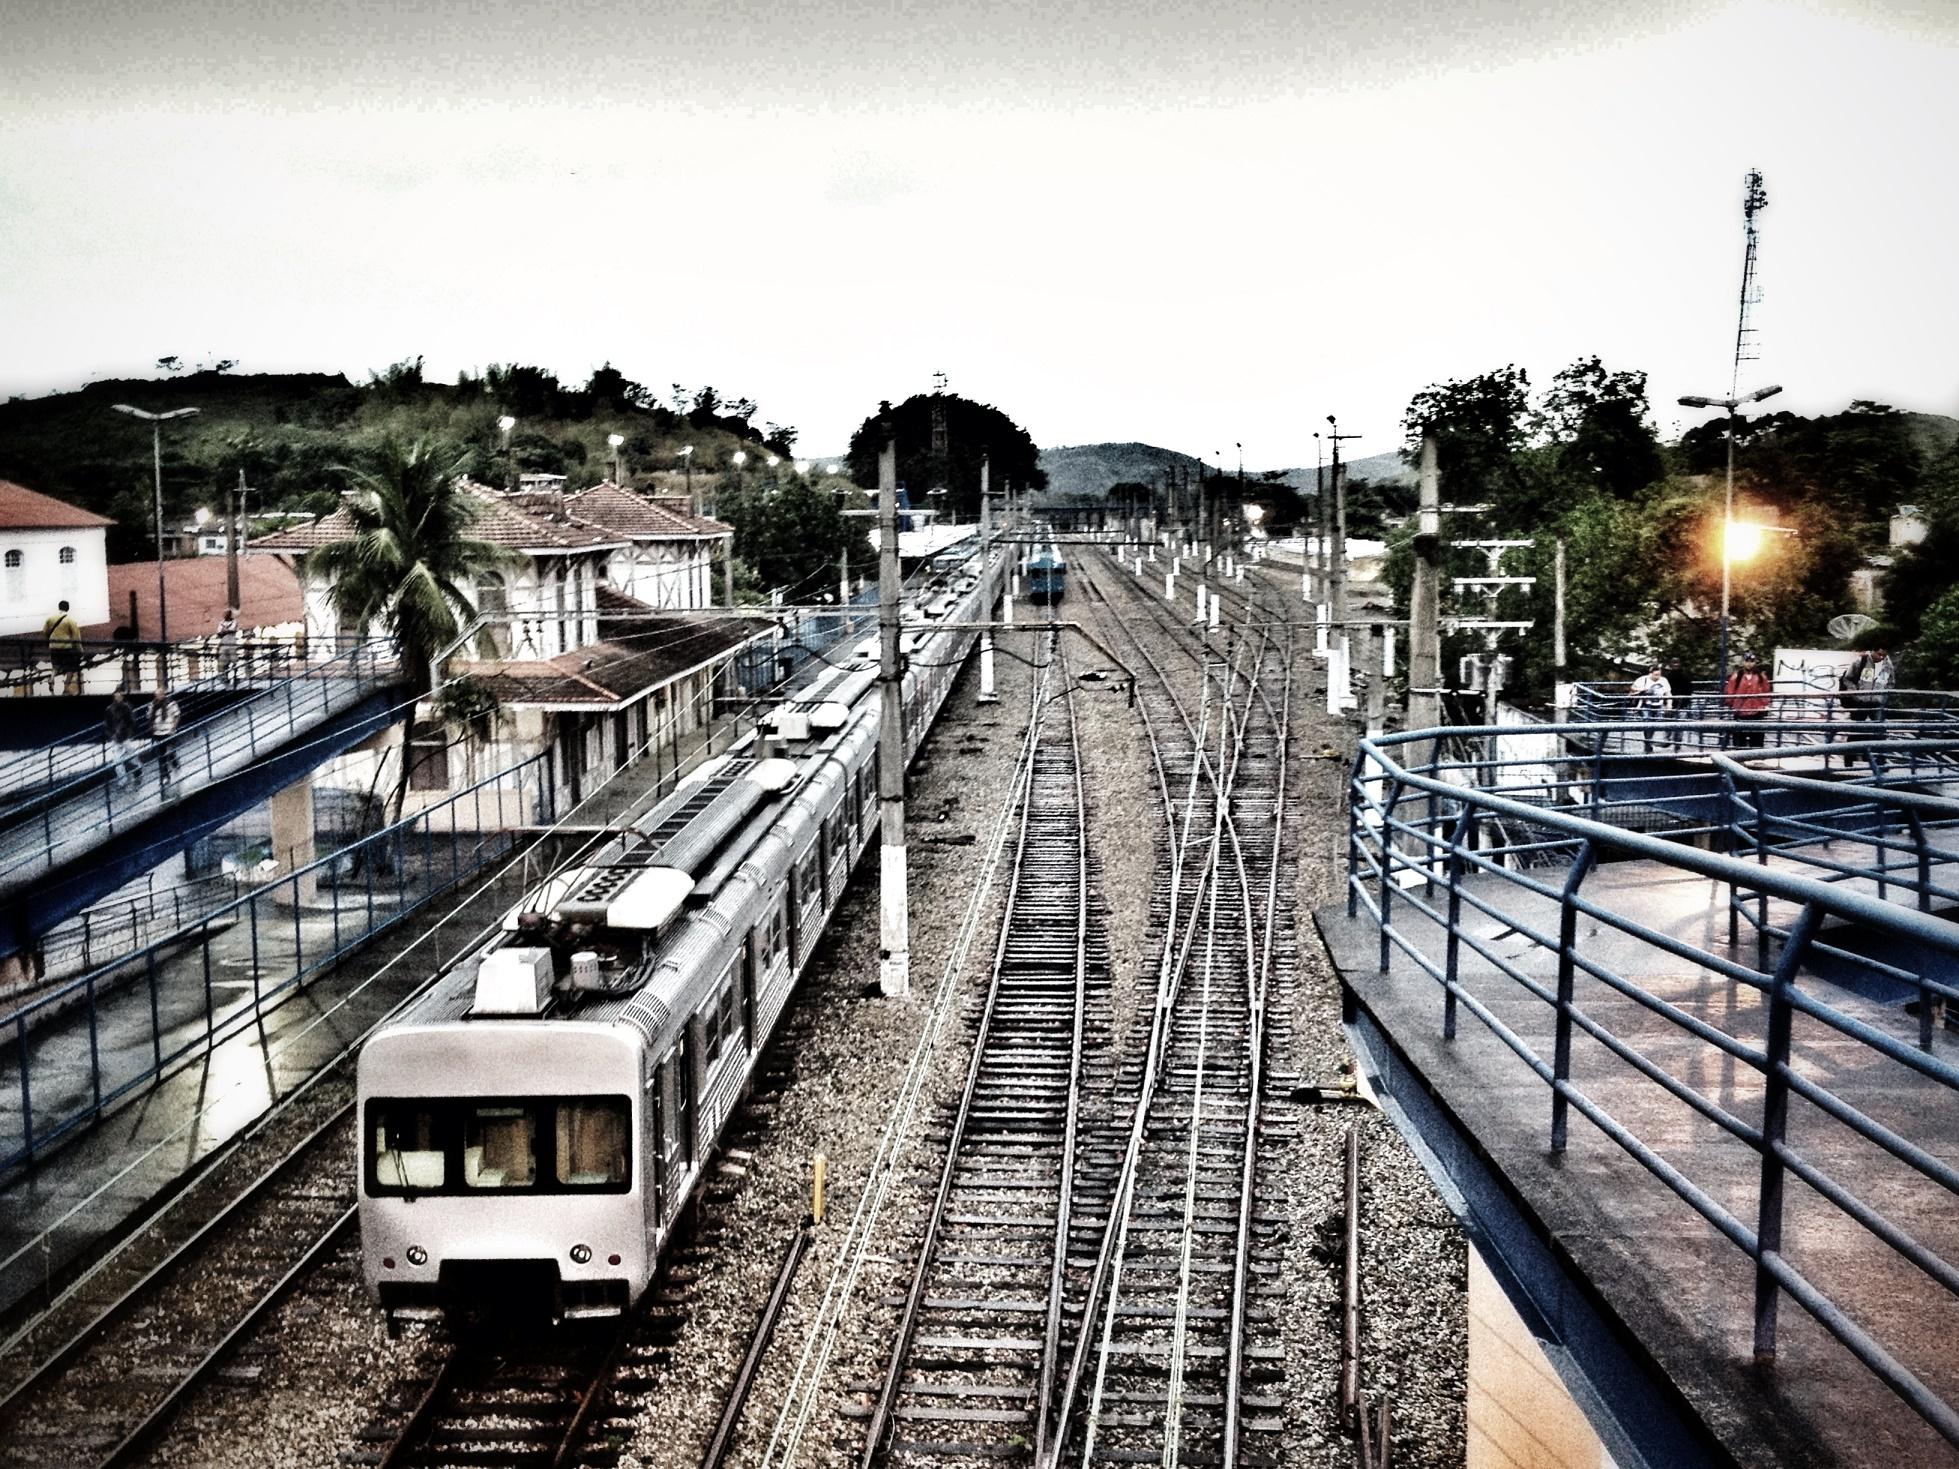 Estação de trem em Japeri. O município é considerado um dos campeões mundiais em tempo de deslocamento casa-trabalho do mundo. Foto Daniela Fichino